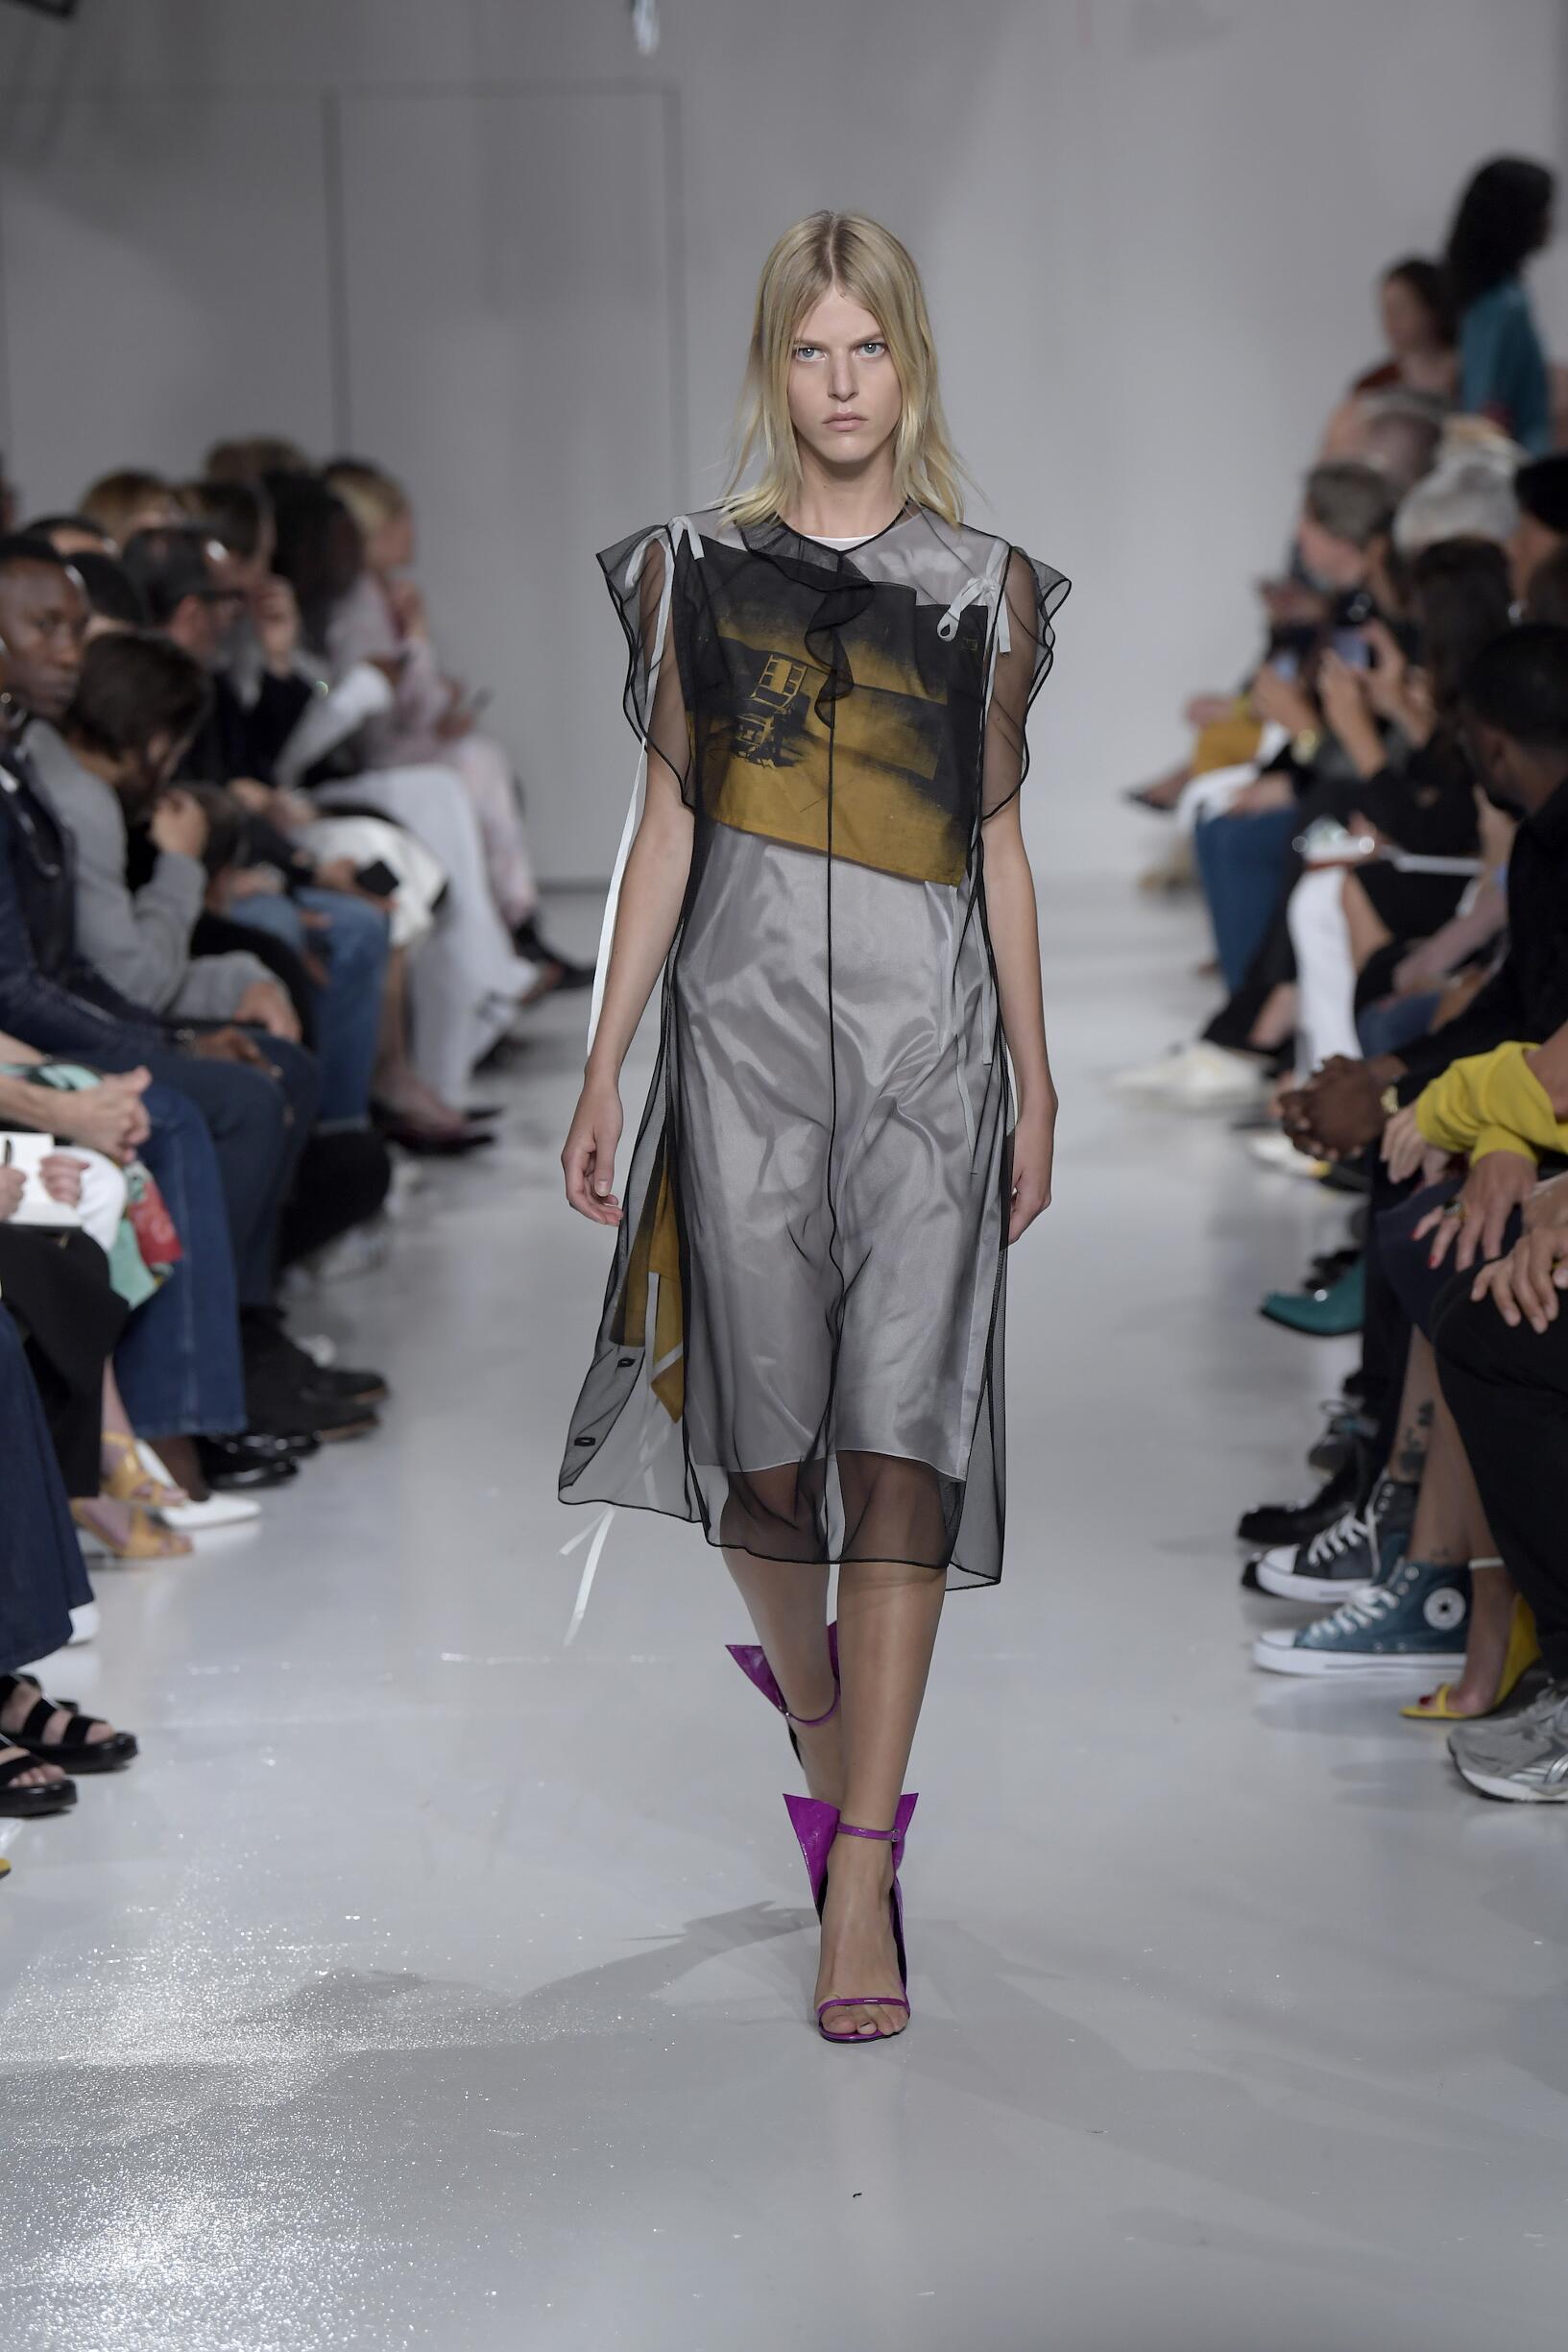 Fashion 2018 Catwalk Calvin Klein 205W39NYC Summer Womens Collection